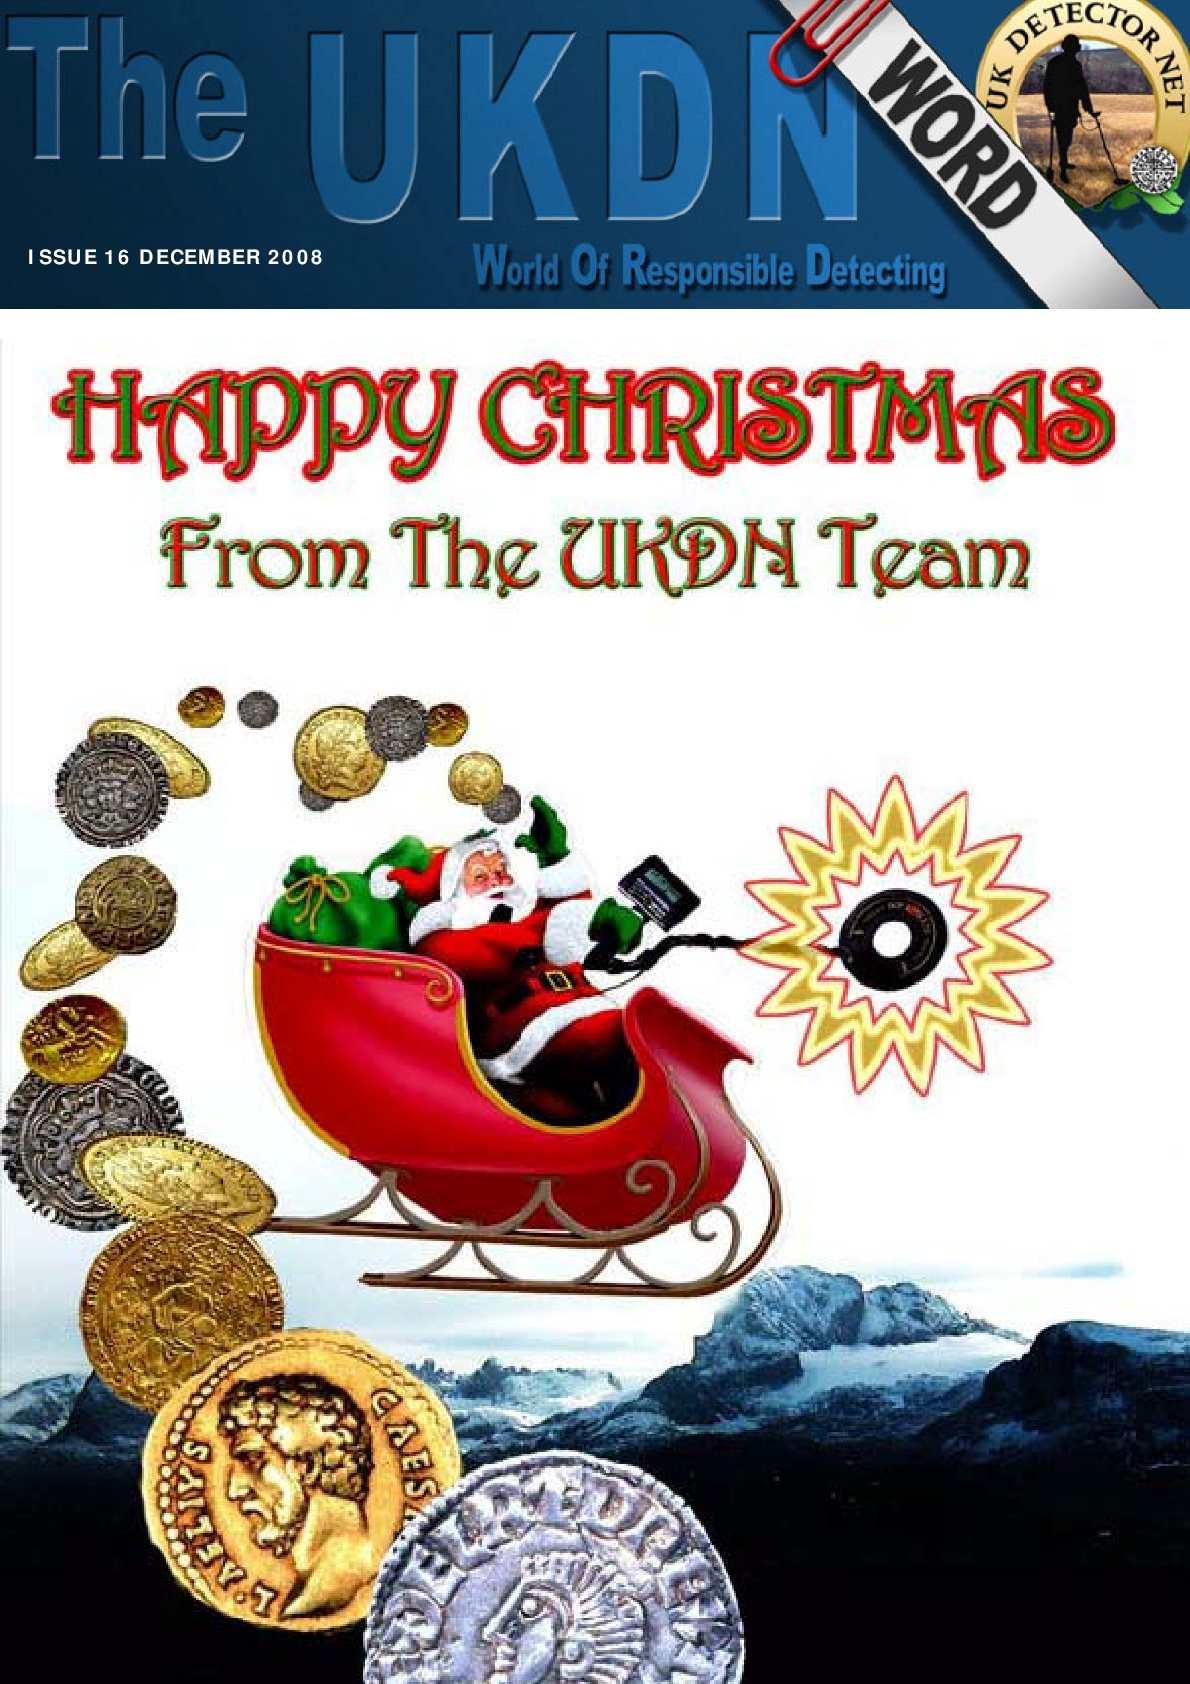 UKDN Word Issue 16 December 2008